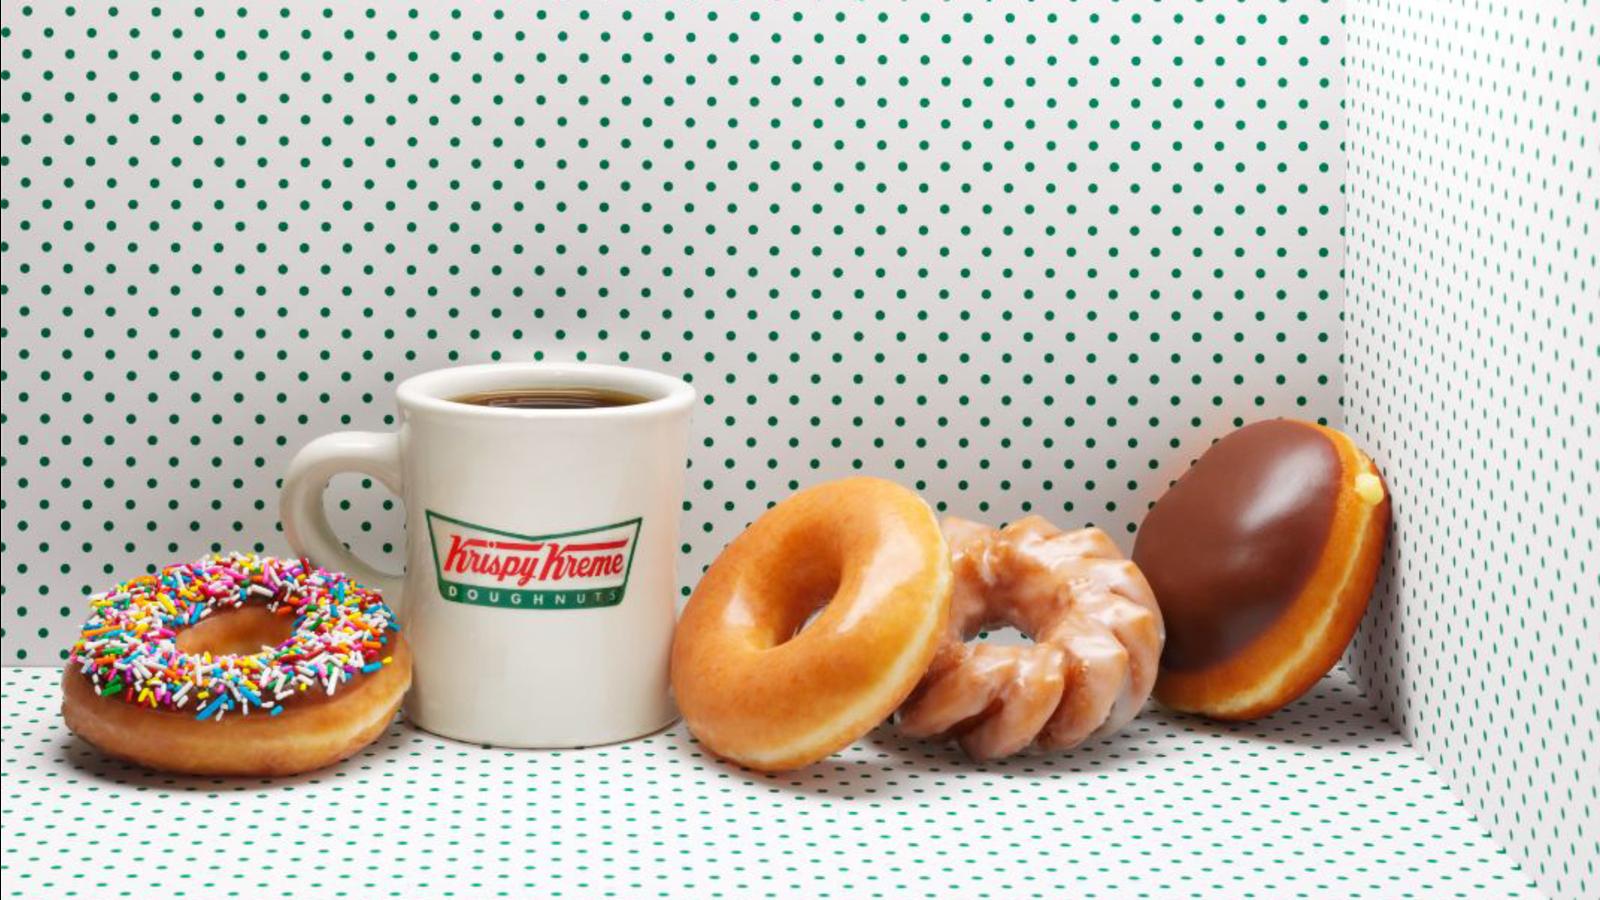 Krispy Kreme to open Chicago Loop location at Block 37